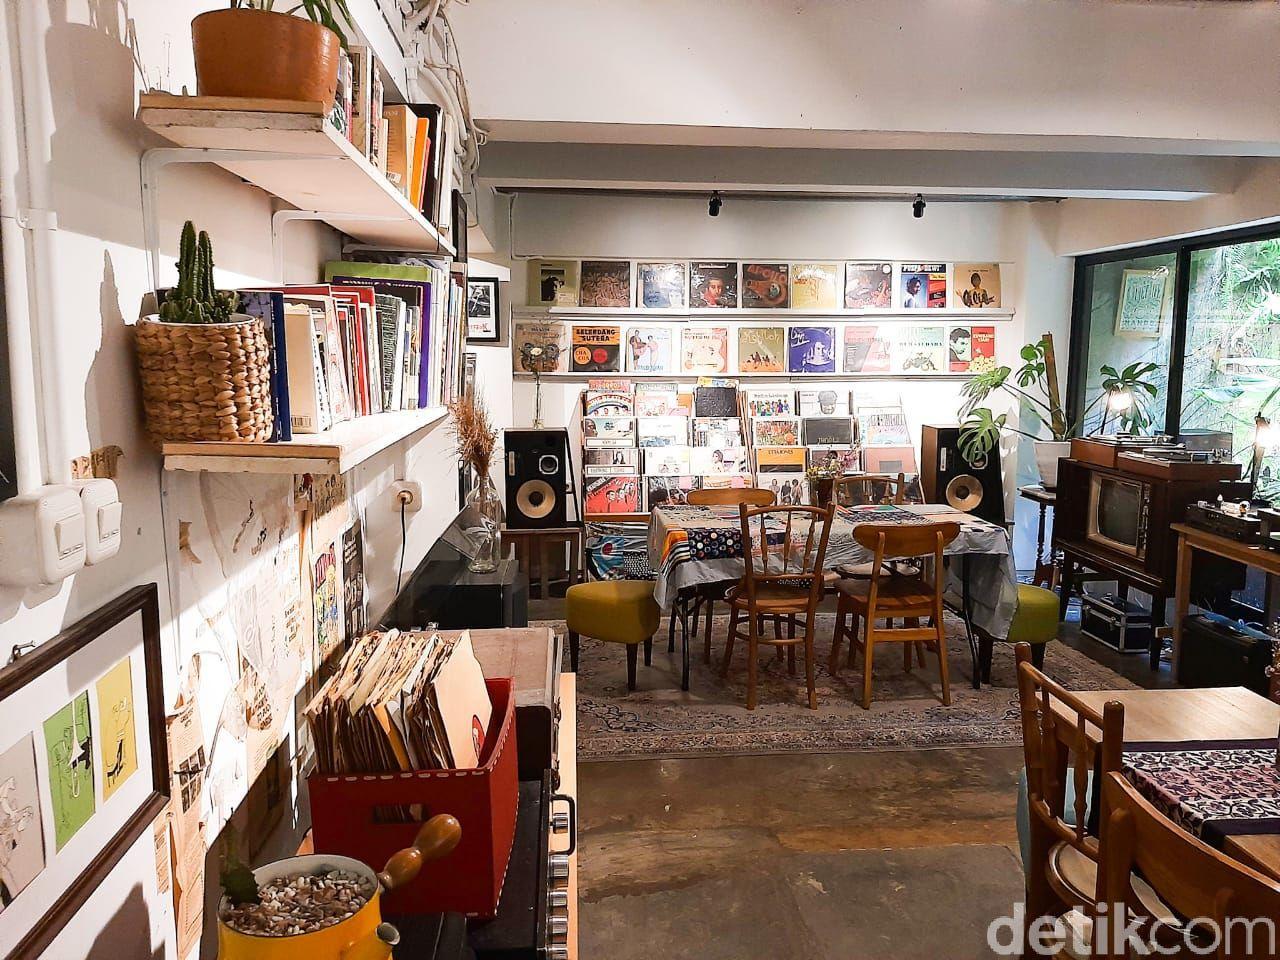 SUBO: Listening Bar Tersembunyi di Kawasan Cipete Utara, Jakarta Selata. Bisa menikmati musik dari piringan hitam (vinyl) dan menyantap coffee mocktail serta makanan homemade lezat.